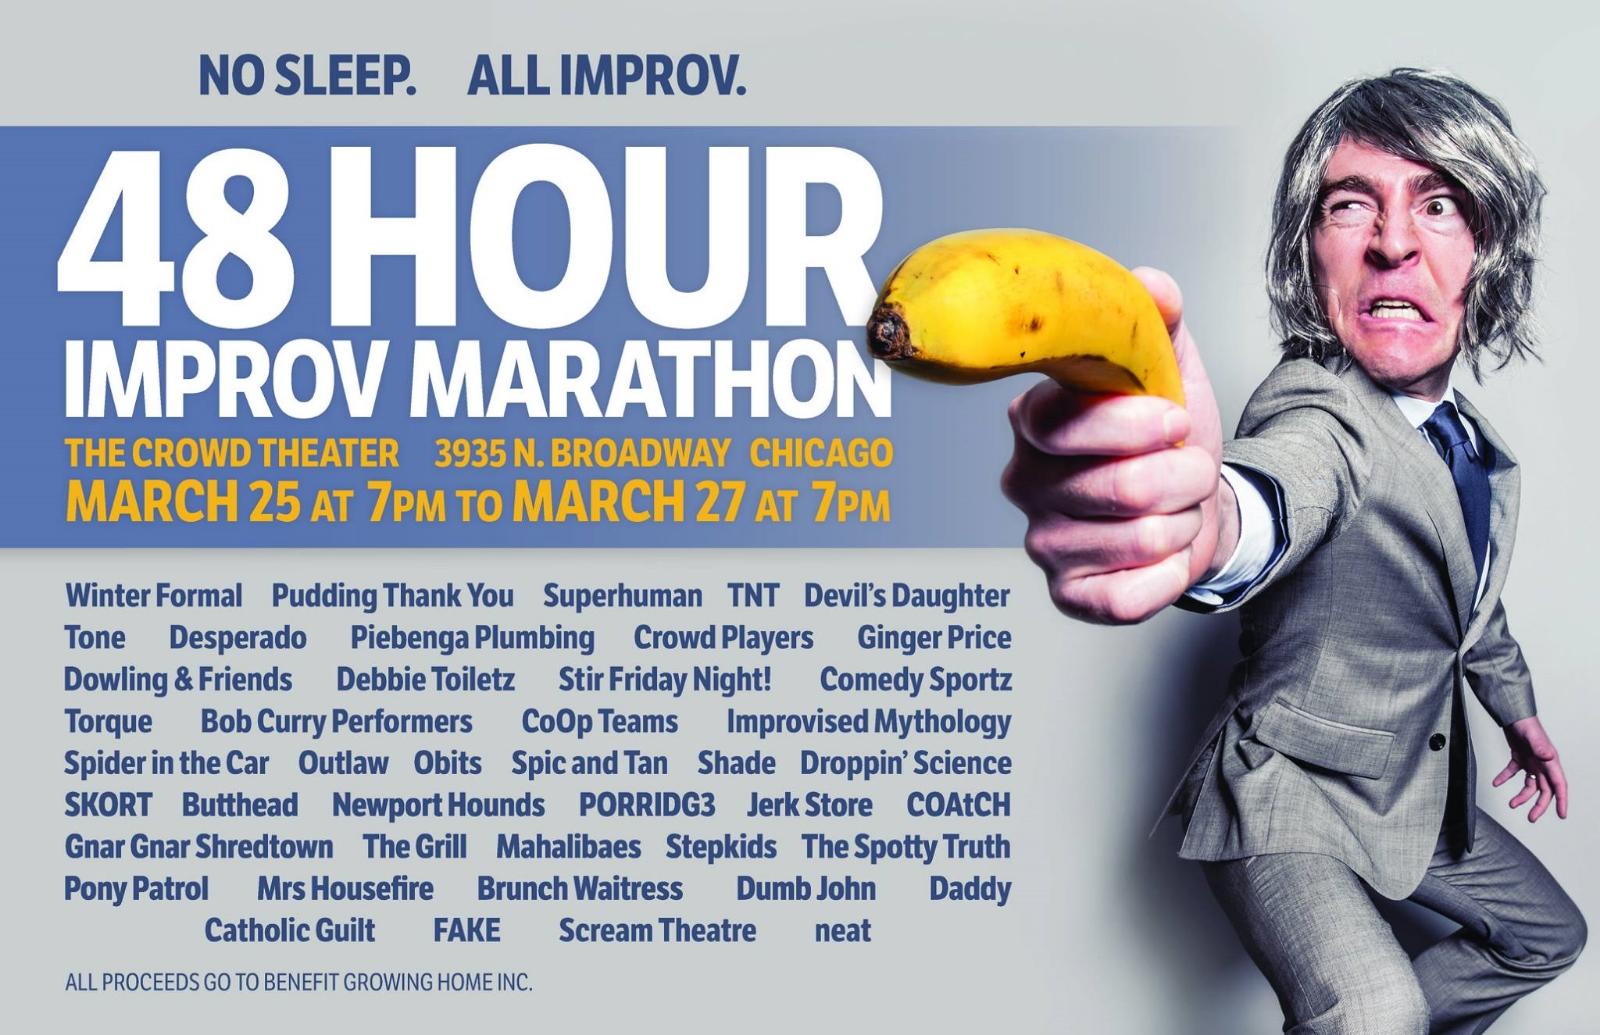 48 Hour Improv Marathon 2016 Scream Theatre Horror of Terror